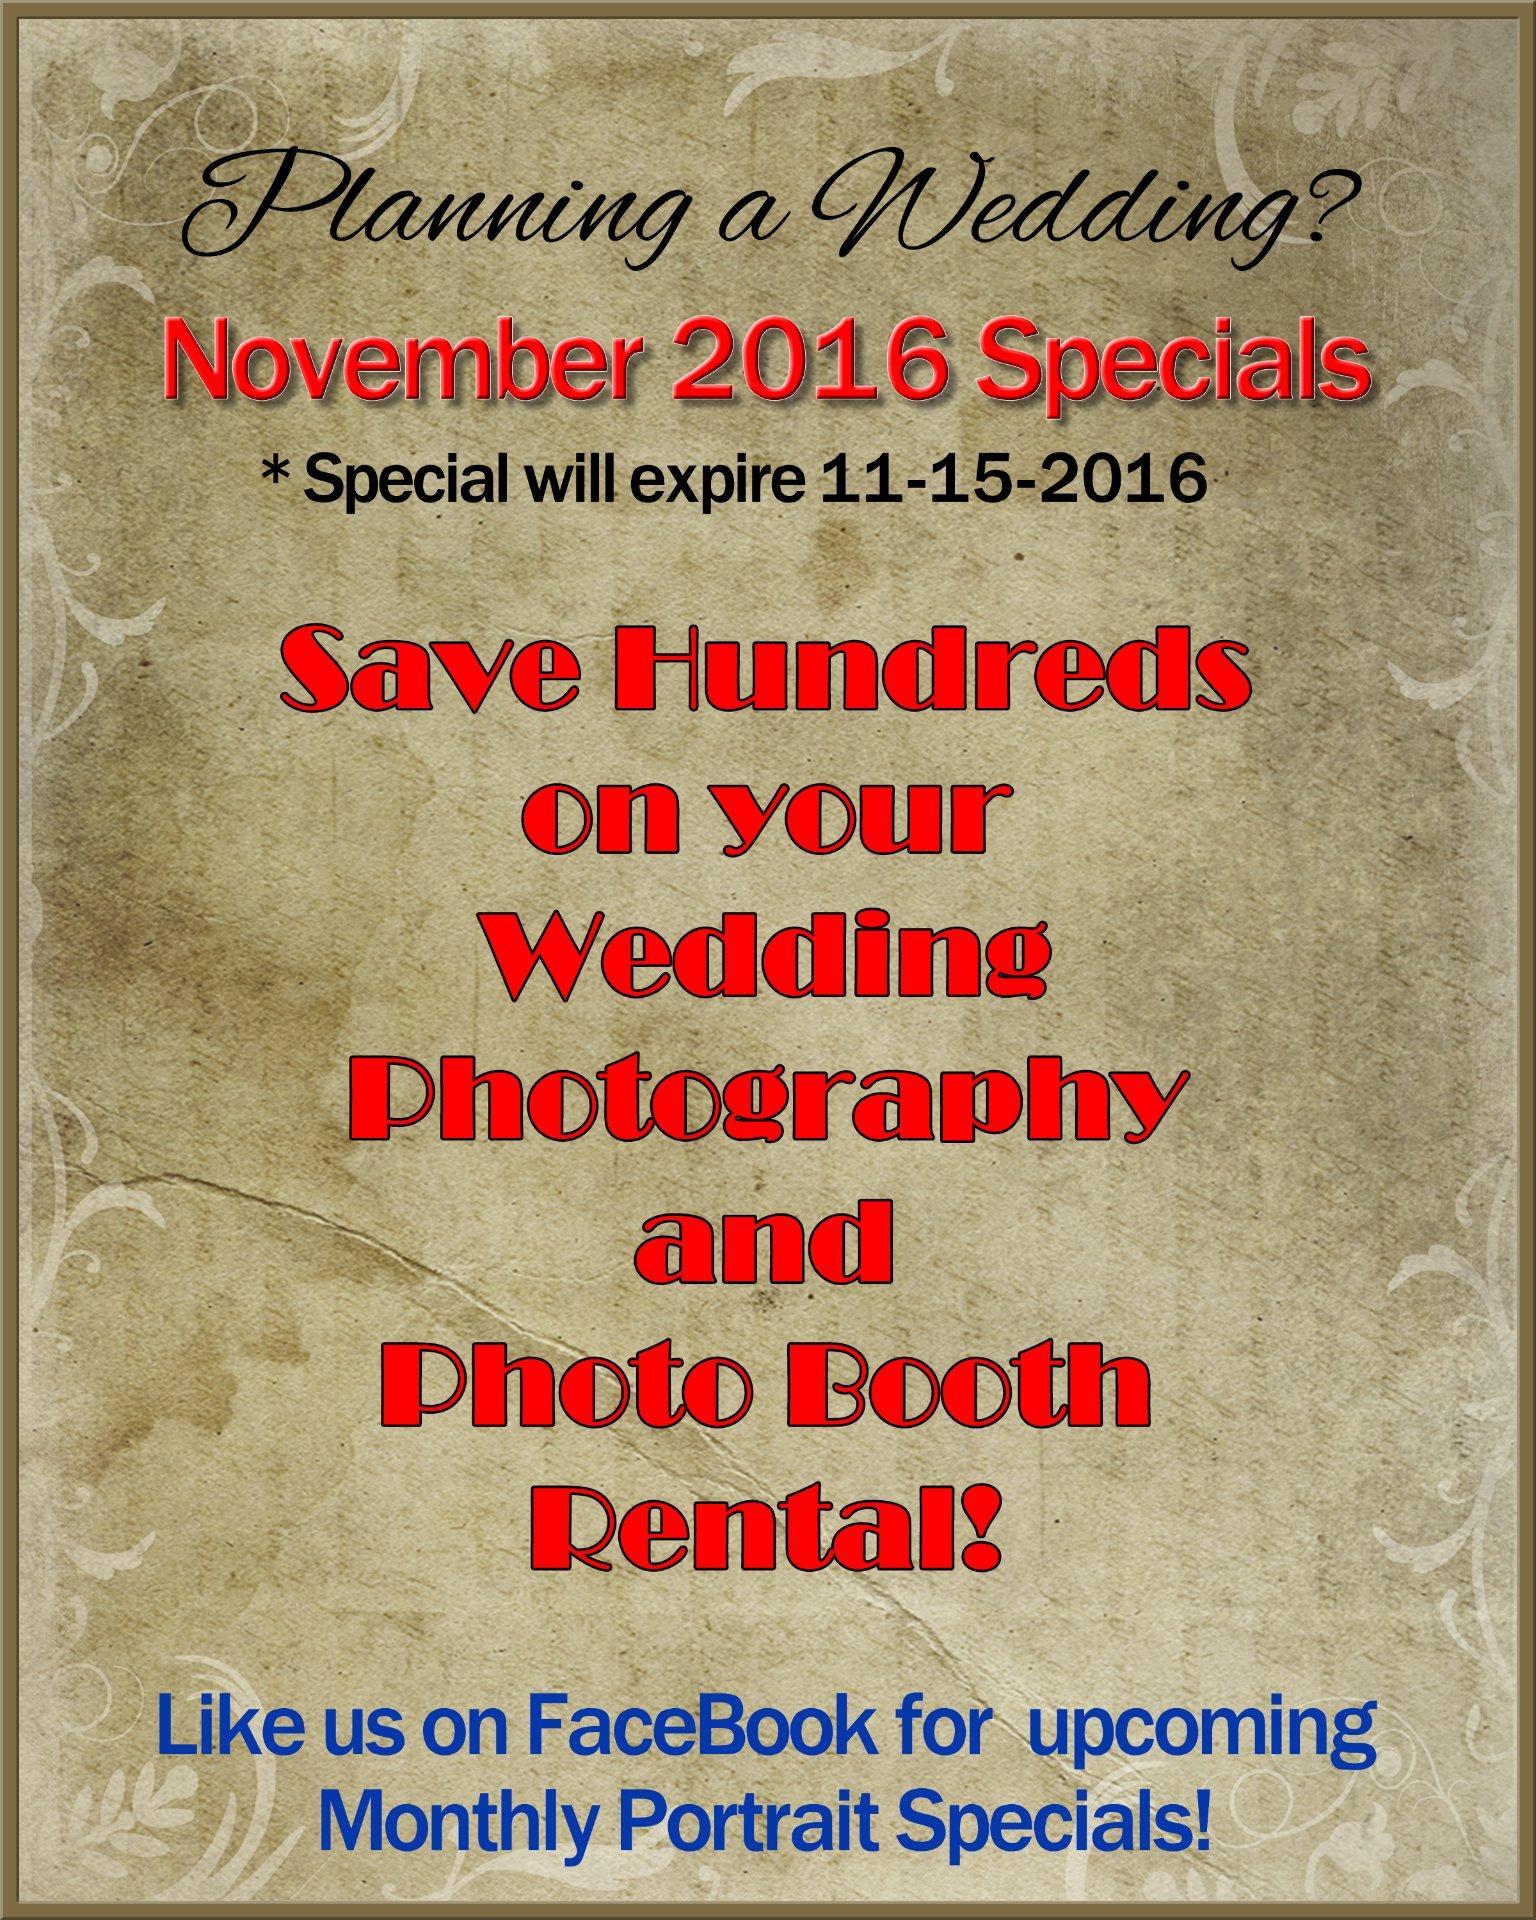 November Wedding Specials page